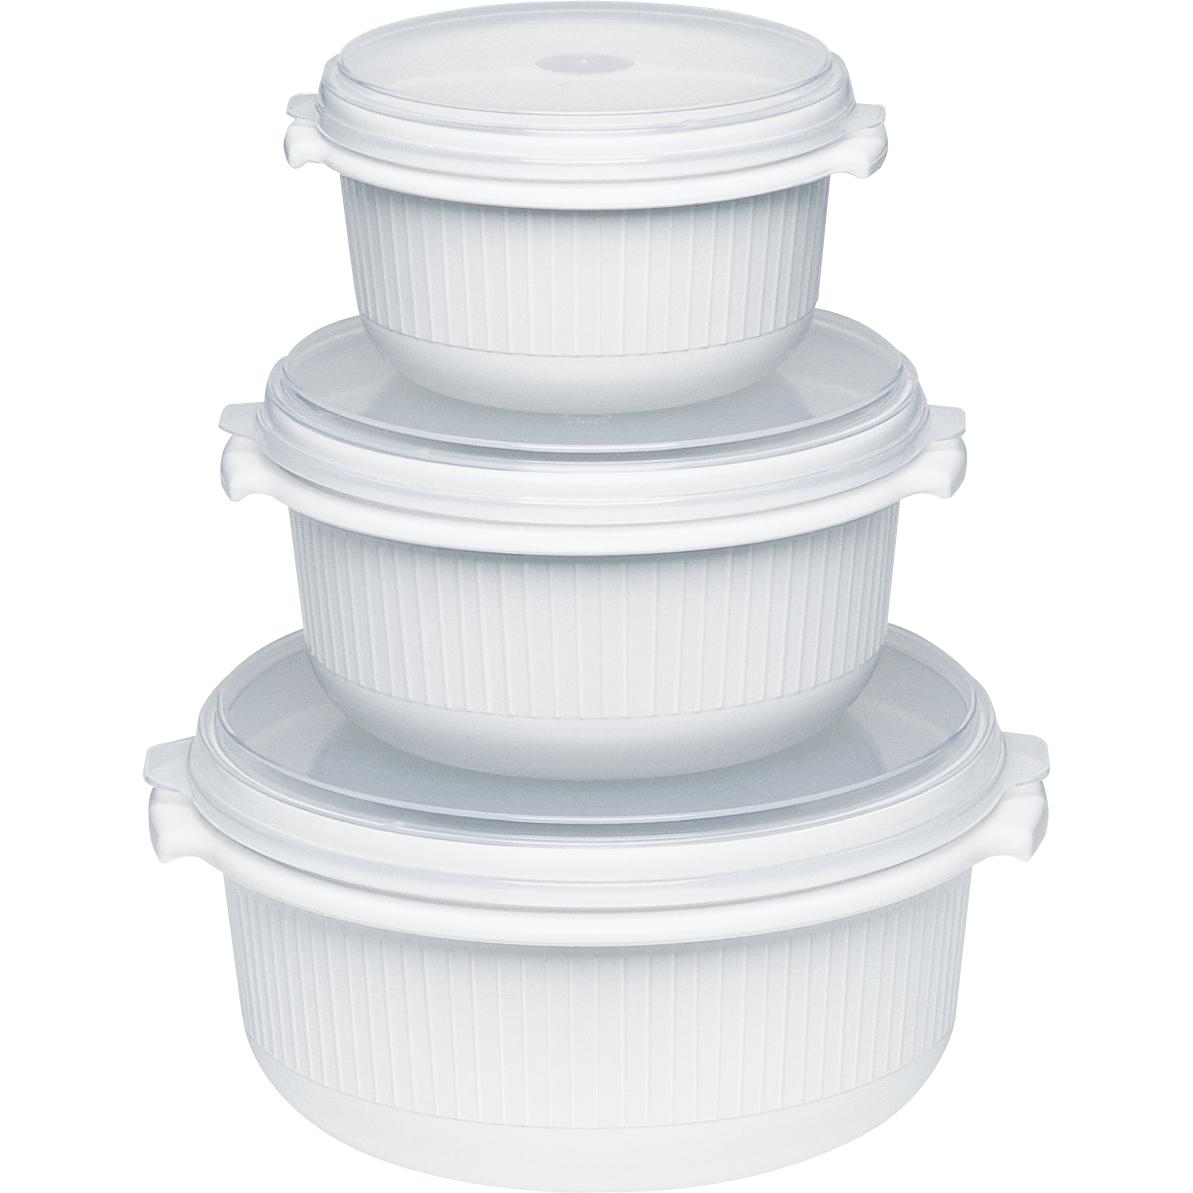 EMSA 459061200 MICRO FAMILY STARTER-SET MIKROWELLENGESCHIRR 3-teilig 0.5/1.0/1.5 L Weiß - ideale Hitzeverteilung, robust und geschmacksneutral, Mikrowellenkochen und Aufwärmen